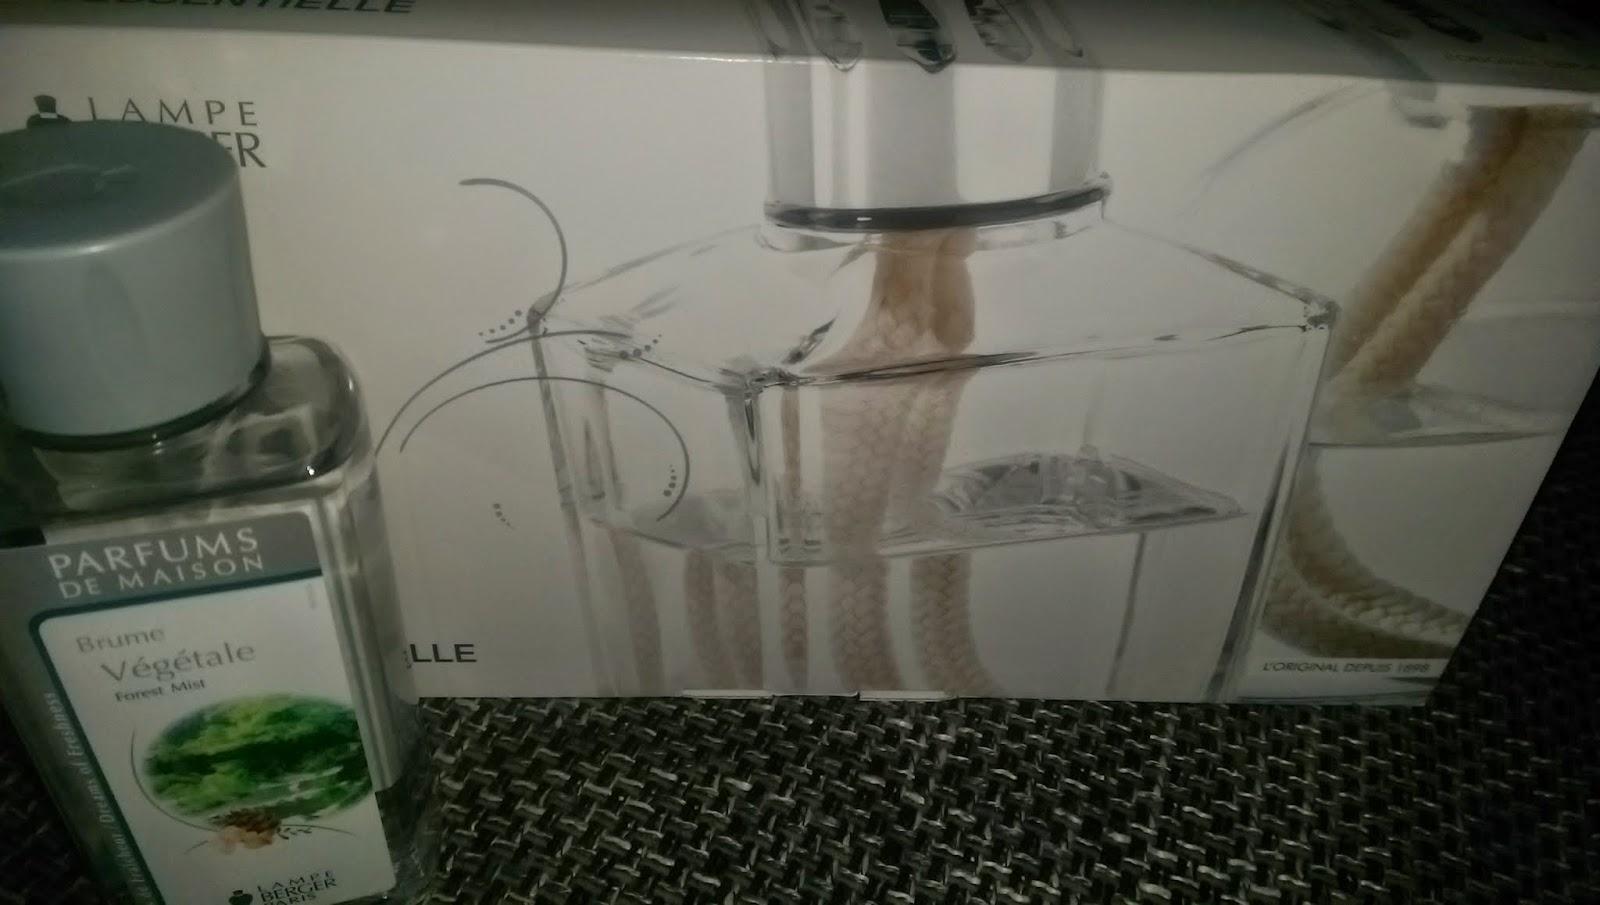 produkttest lampe berger lisa s produkttest welt. Black Bedroom Furniture Sets. Home Design Ideas